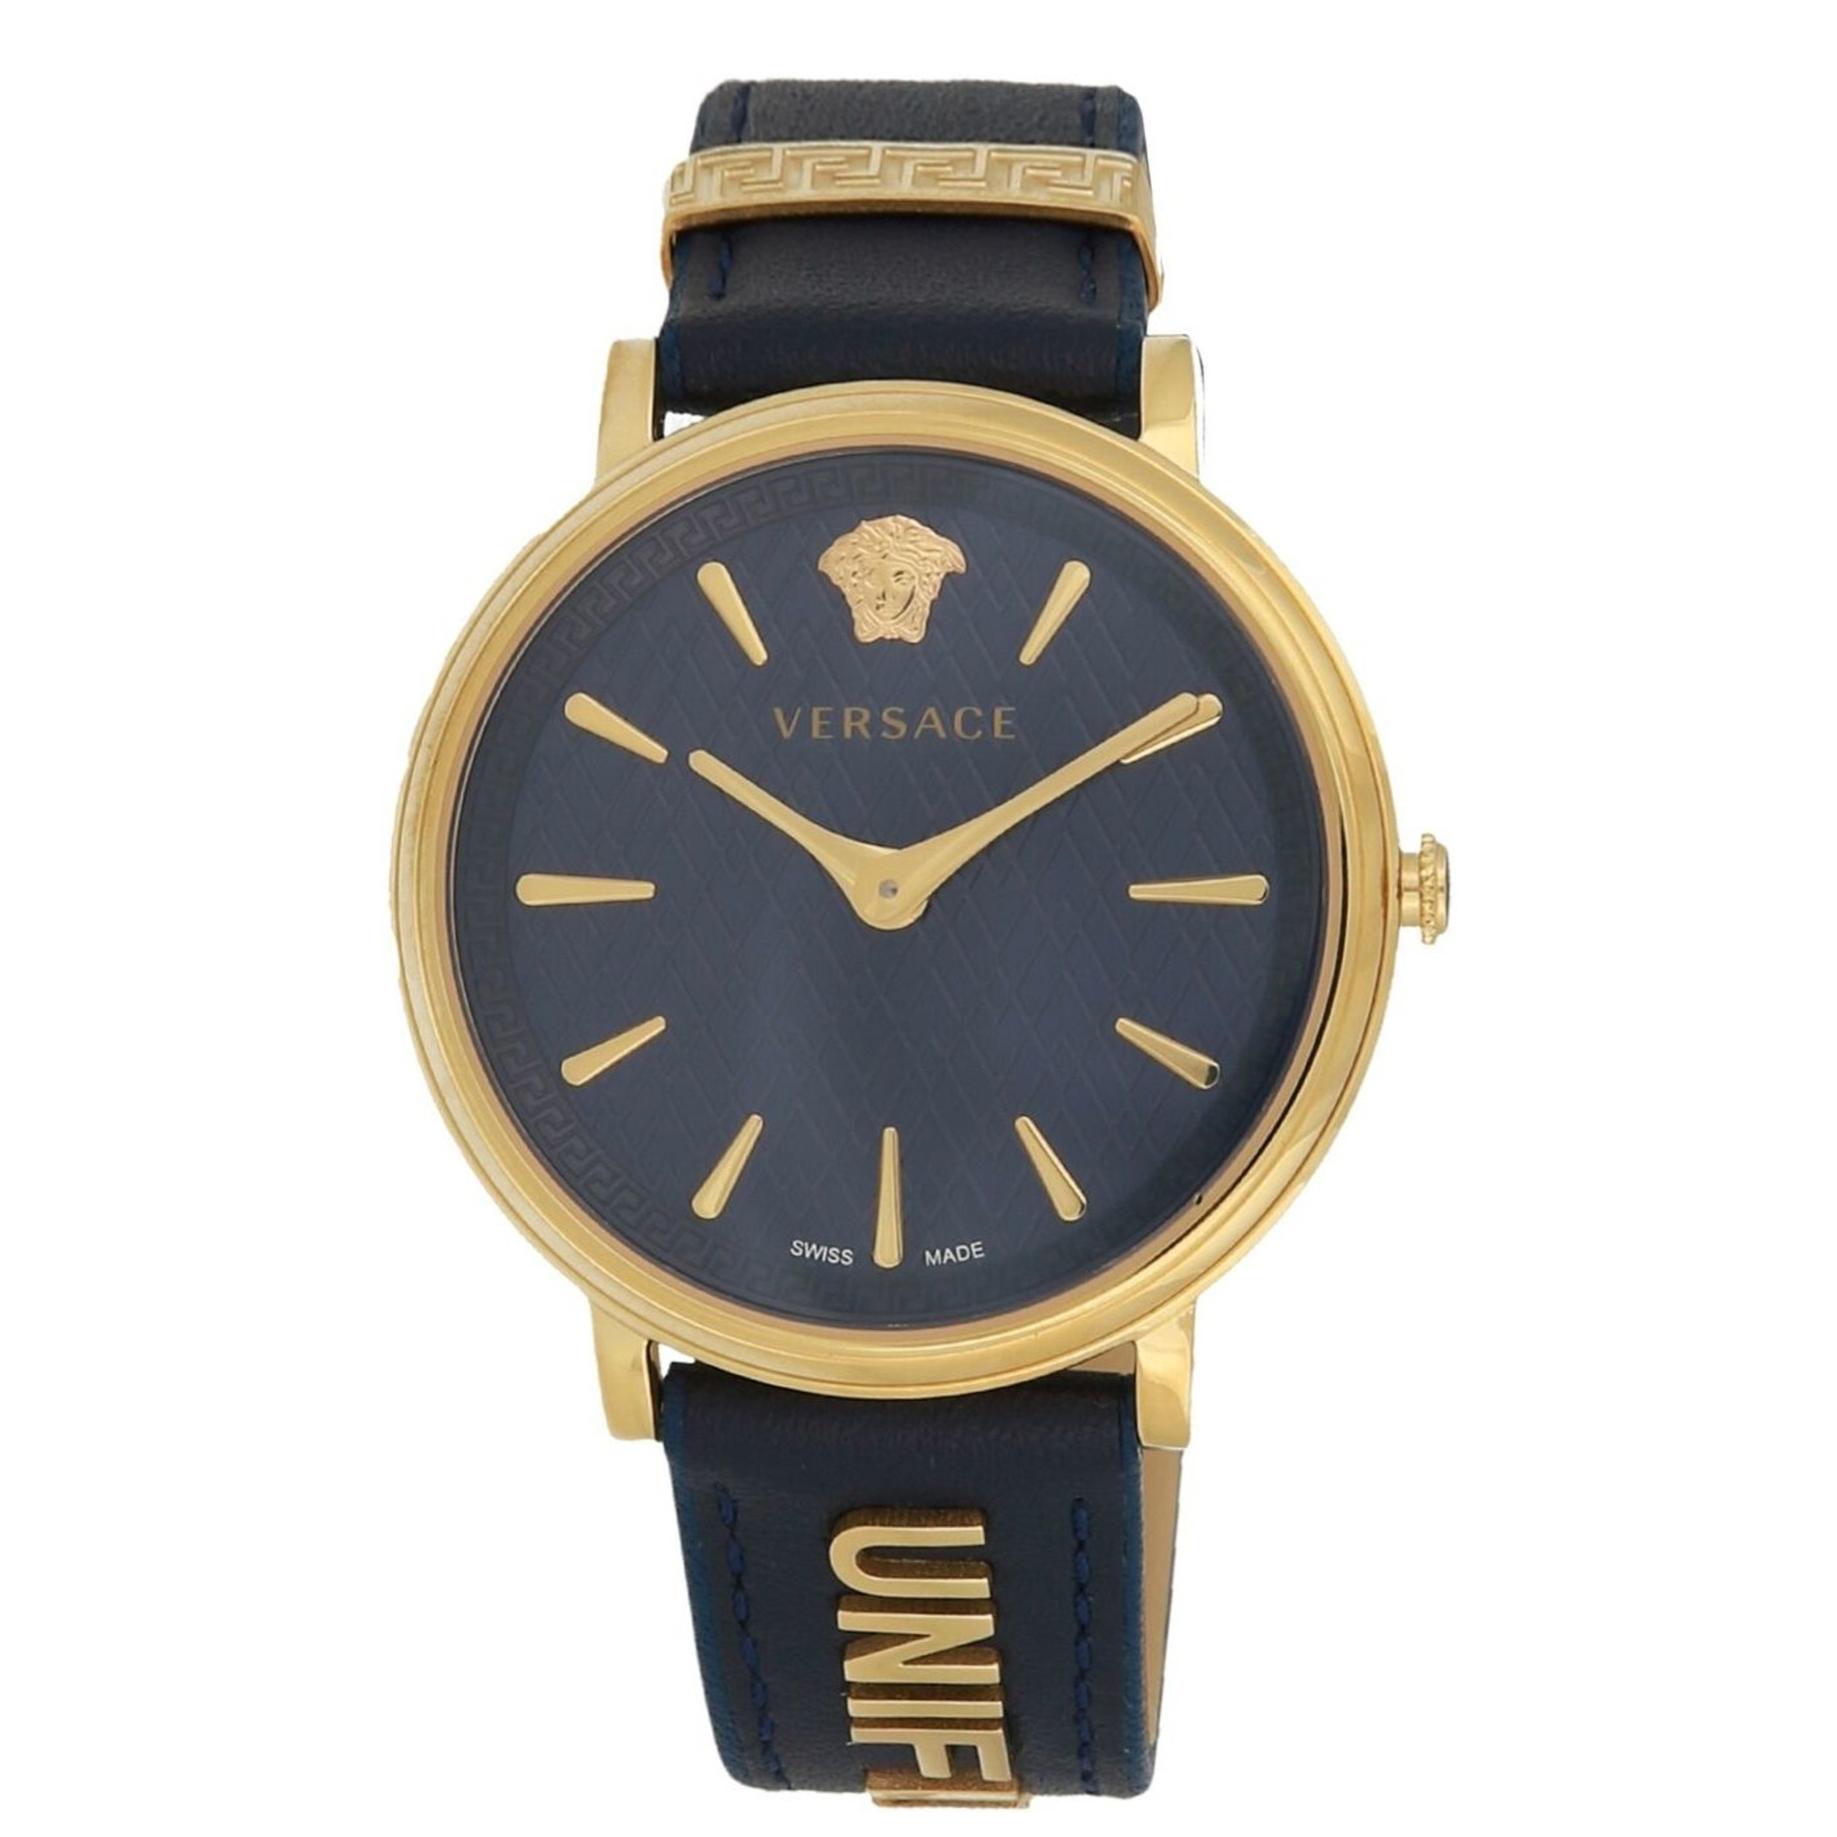 ساعت مچی عقربه ای زنانه ورساچه مدل VBP030017